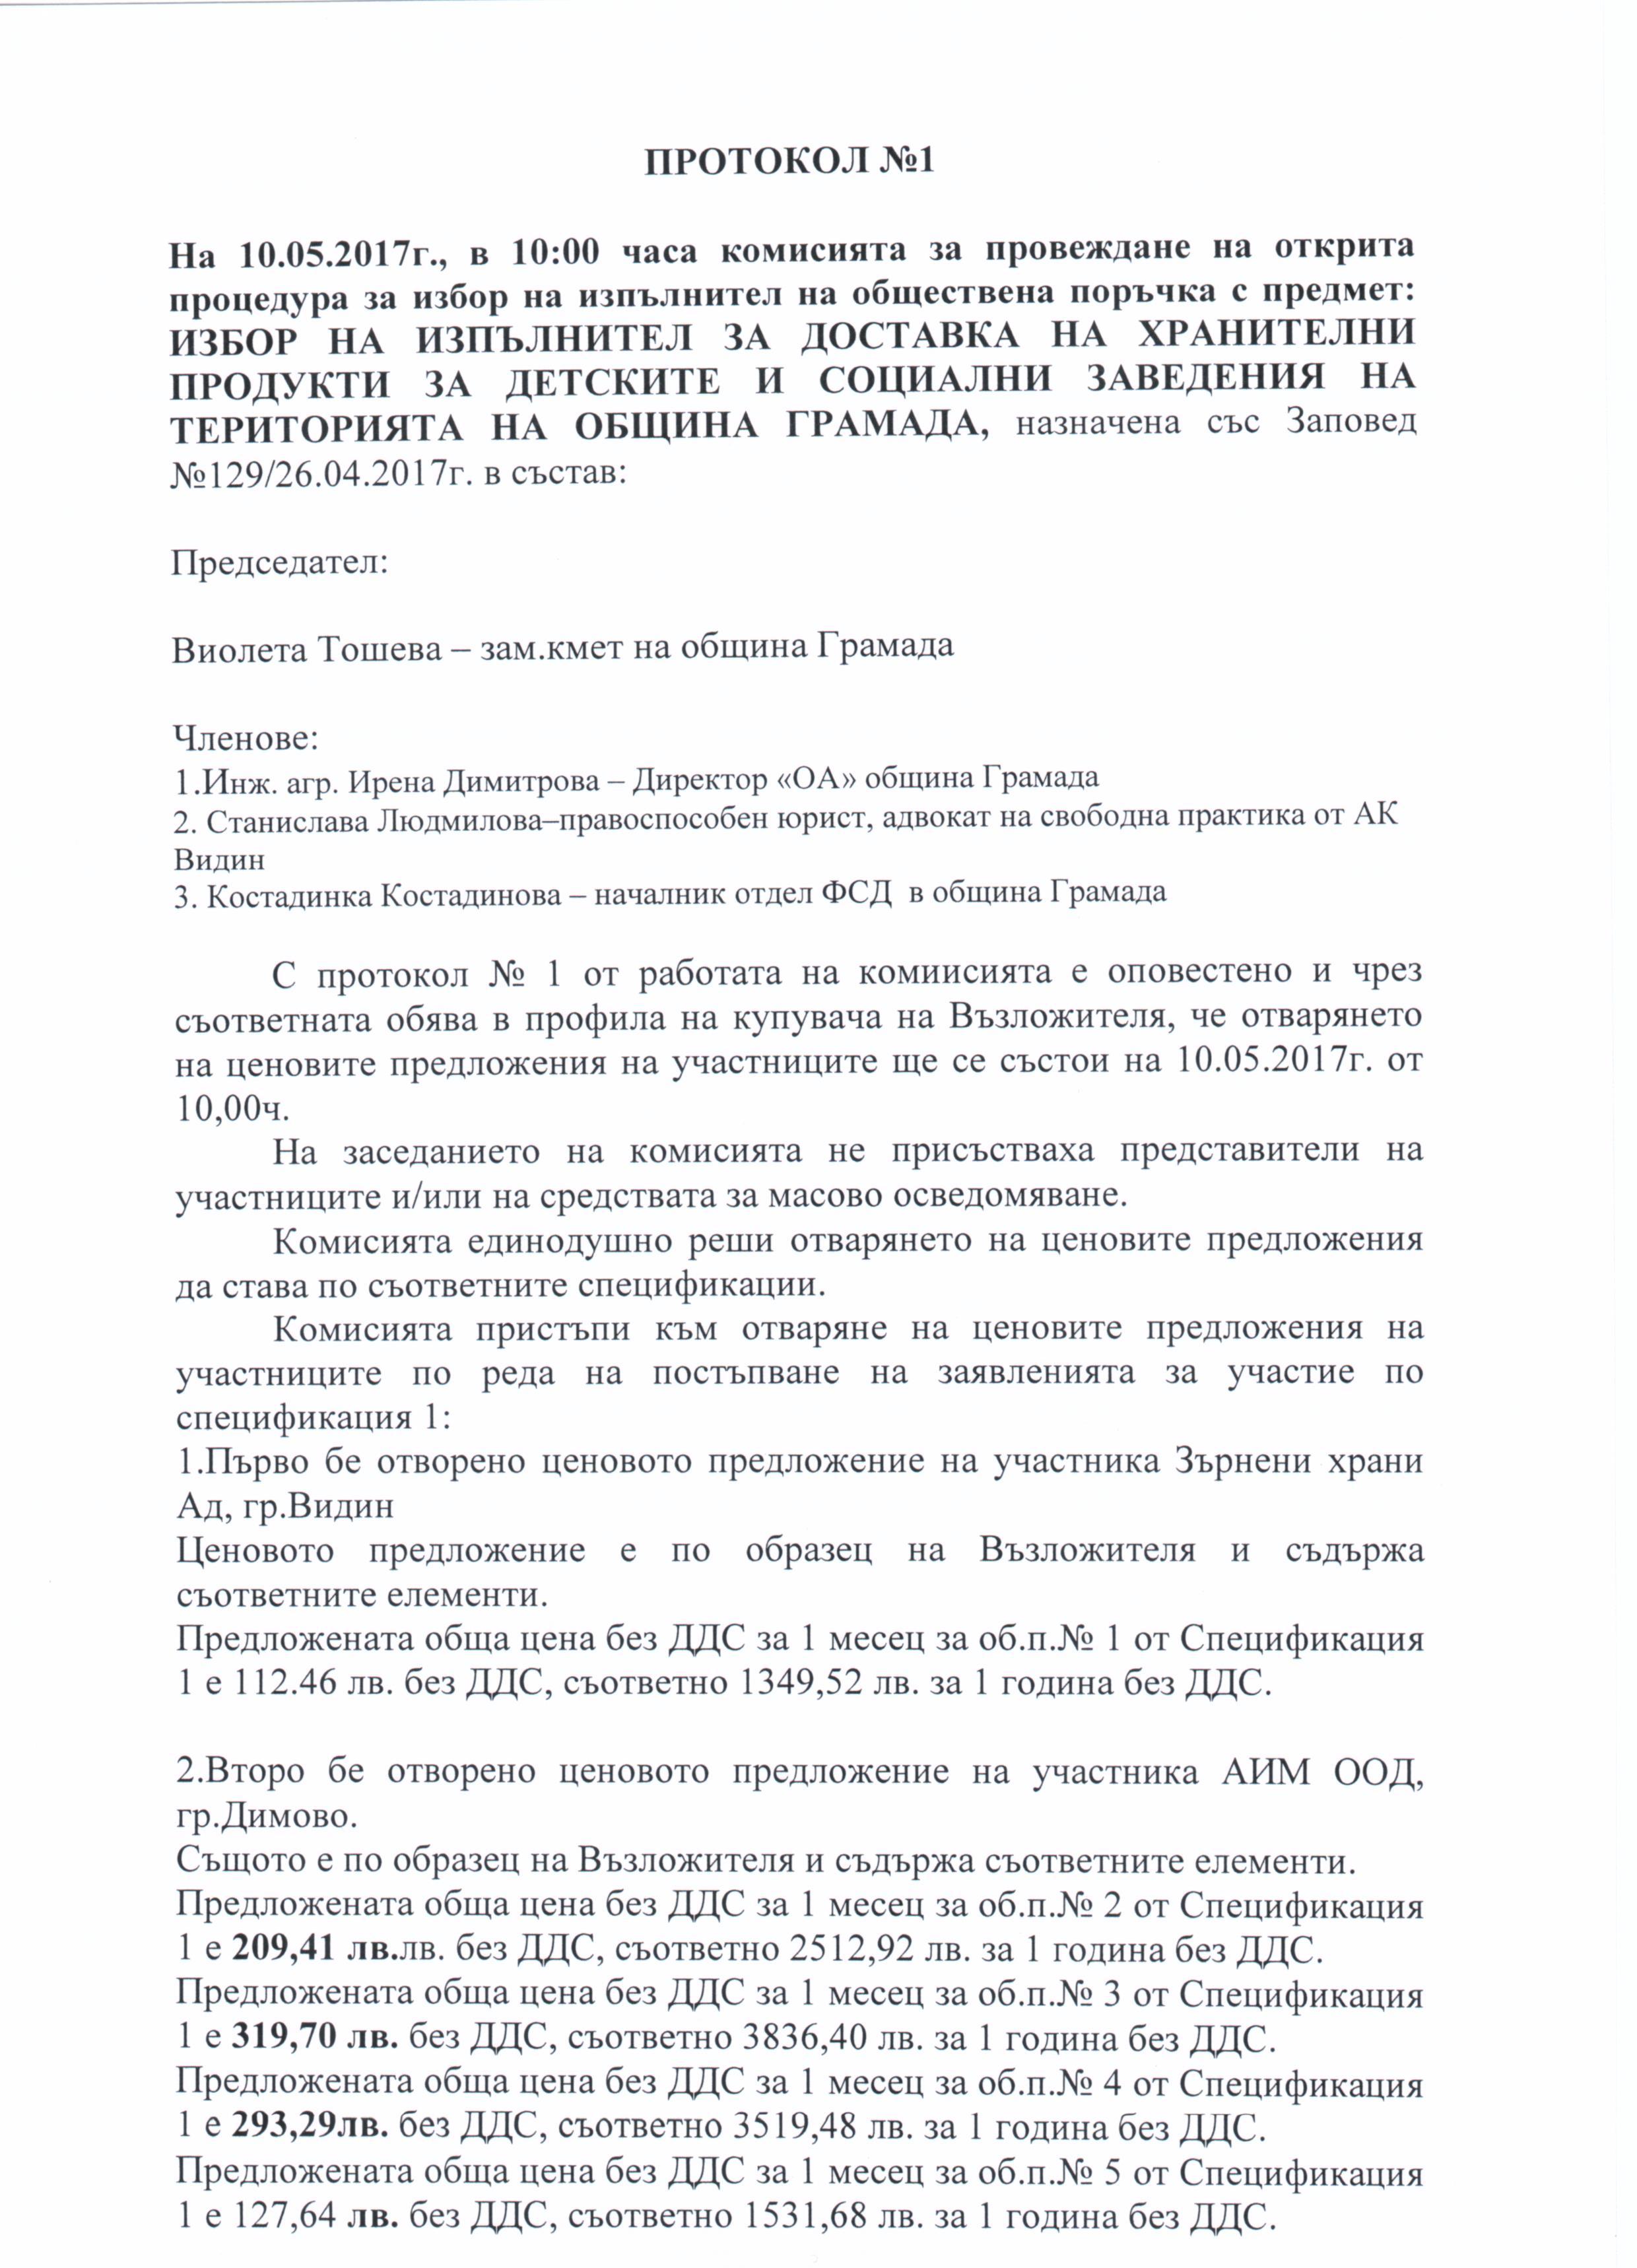 протокол храни 17.05.17 001